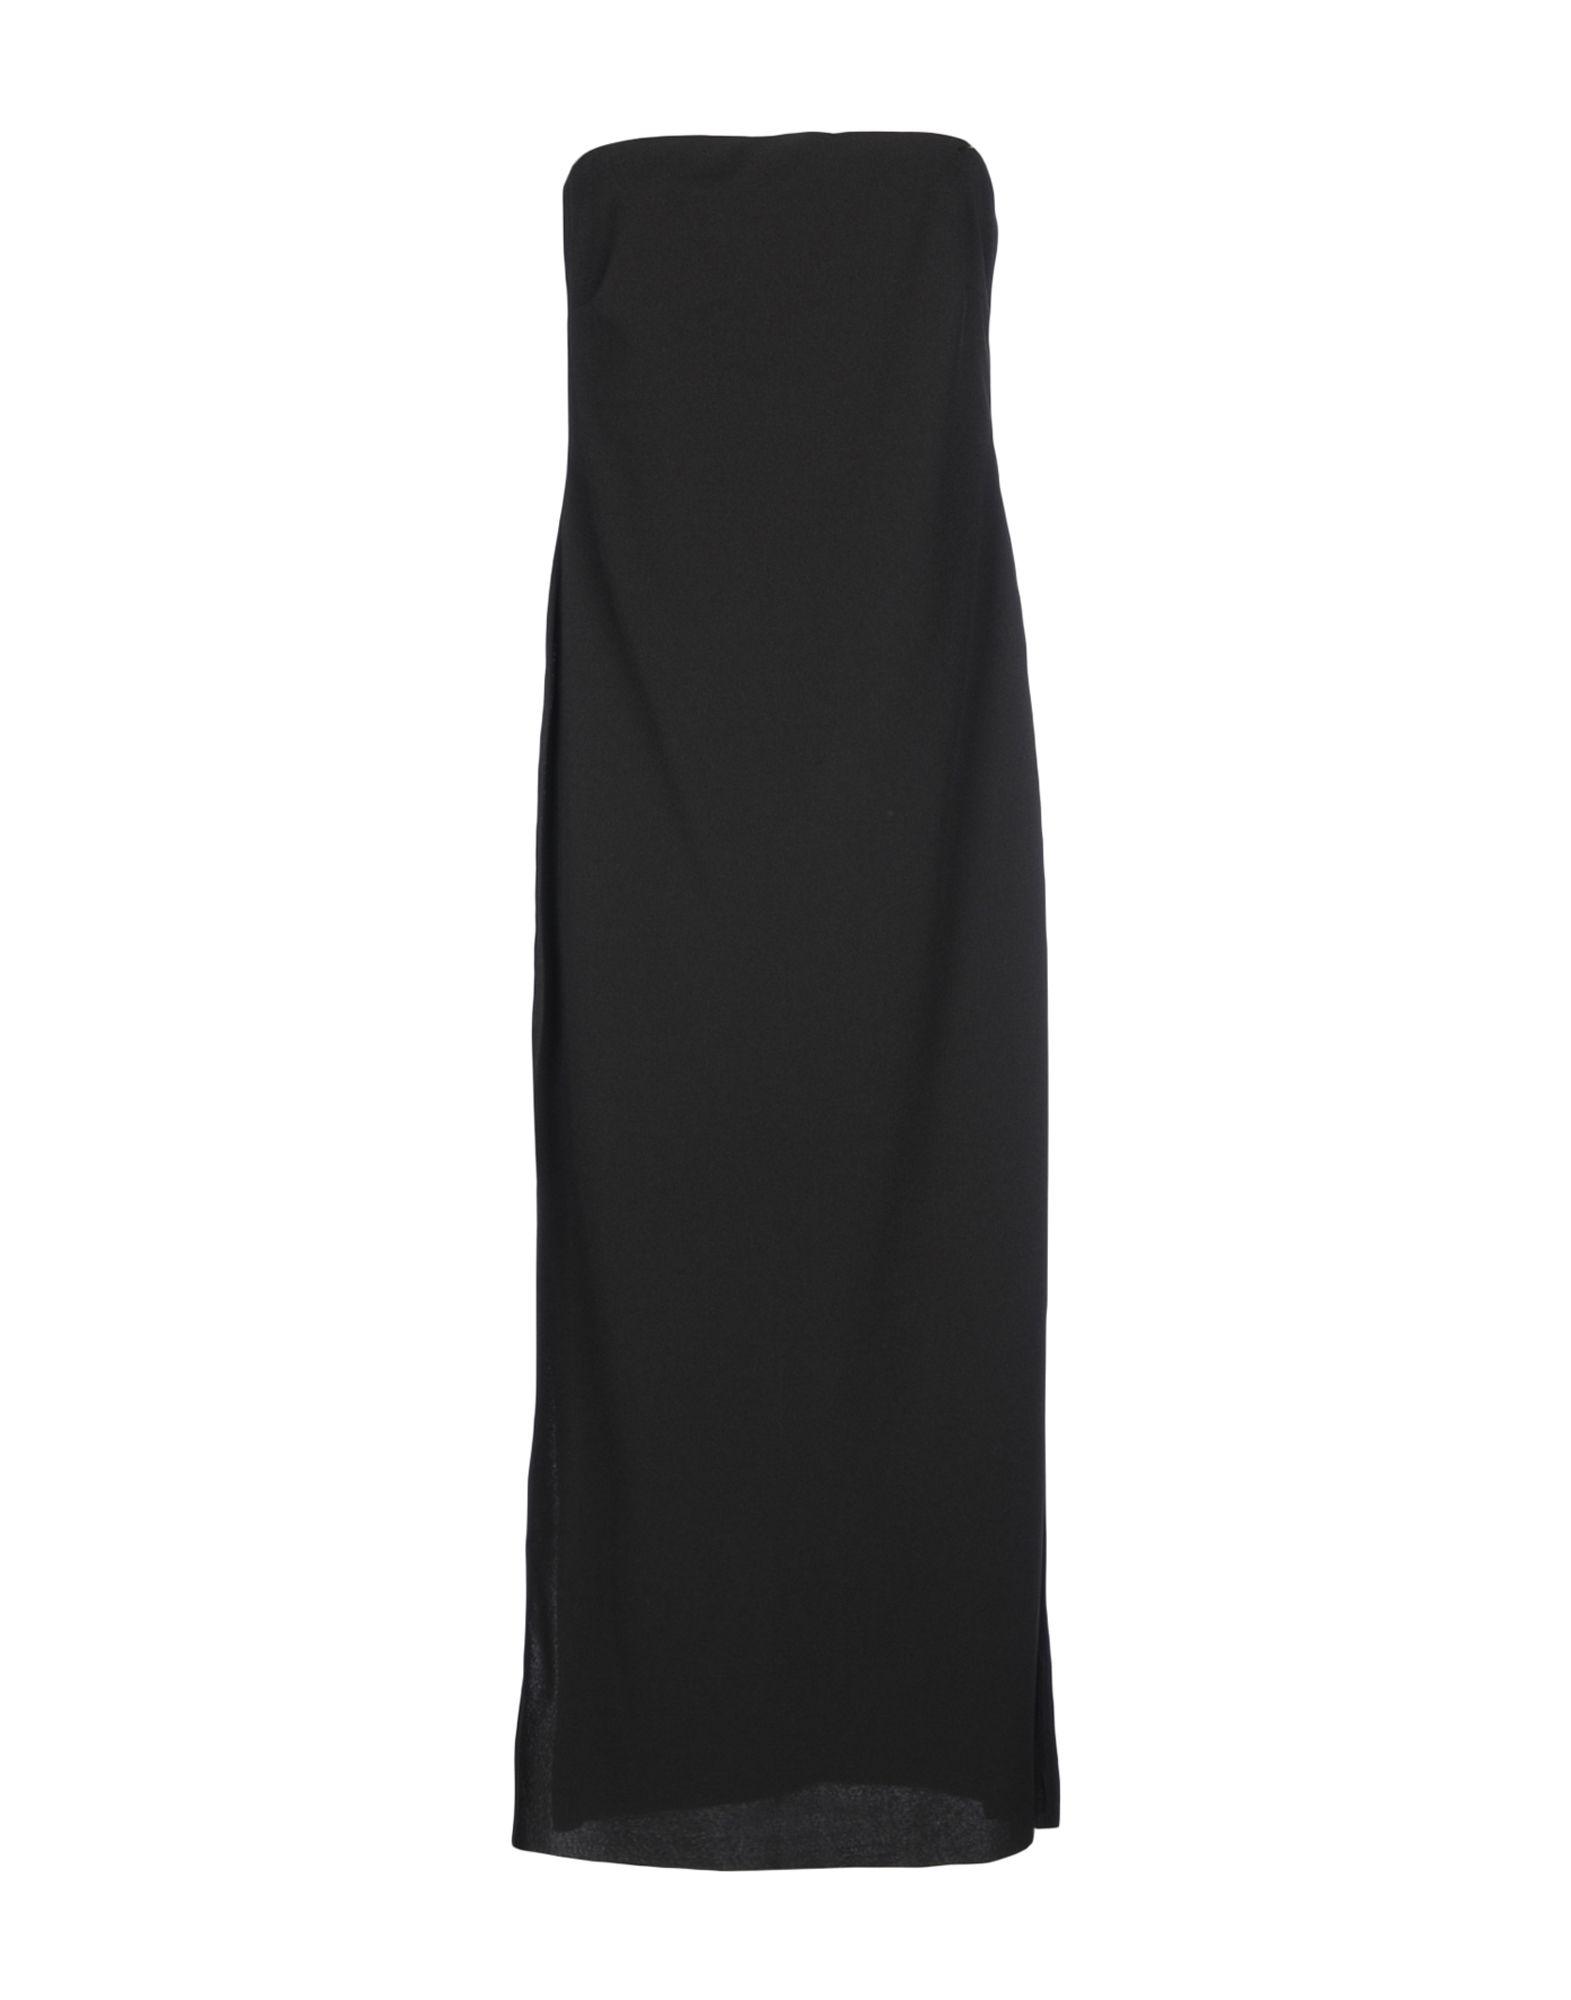 SPAGO DONNA Платье длиной 3/4 lisa corti платье длиной 3 4